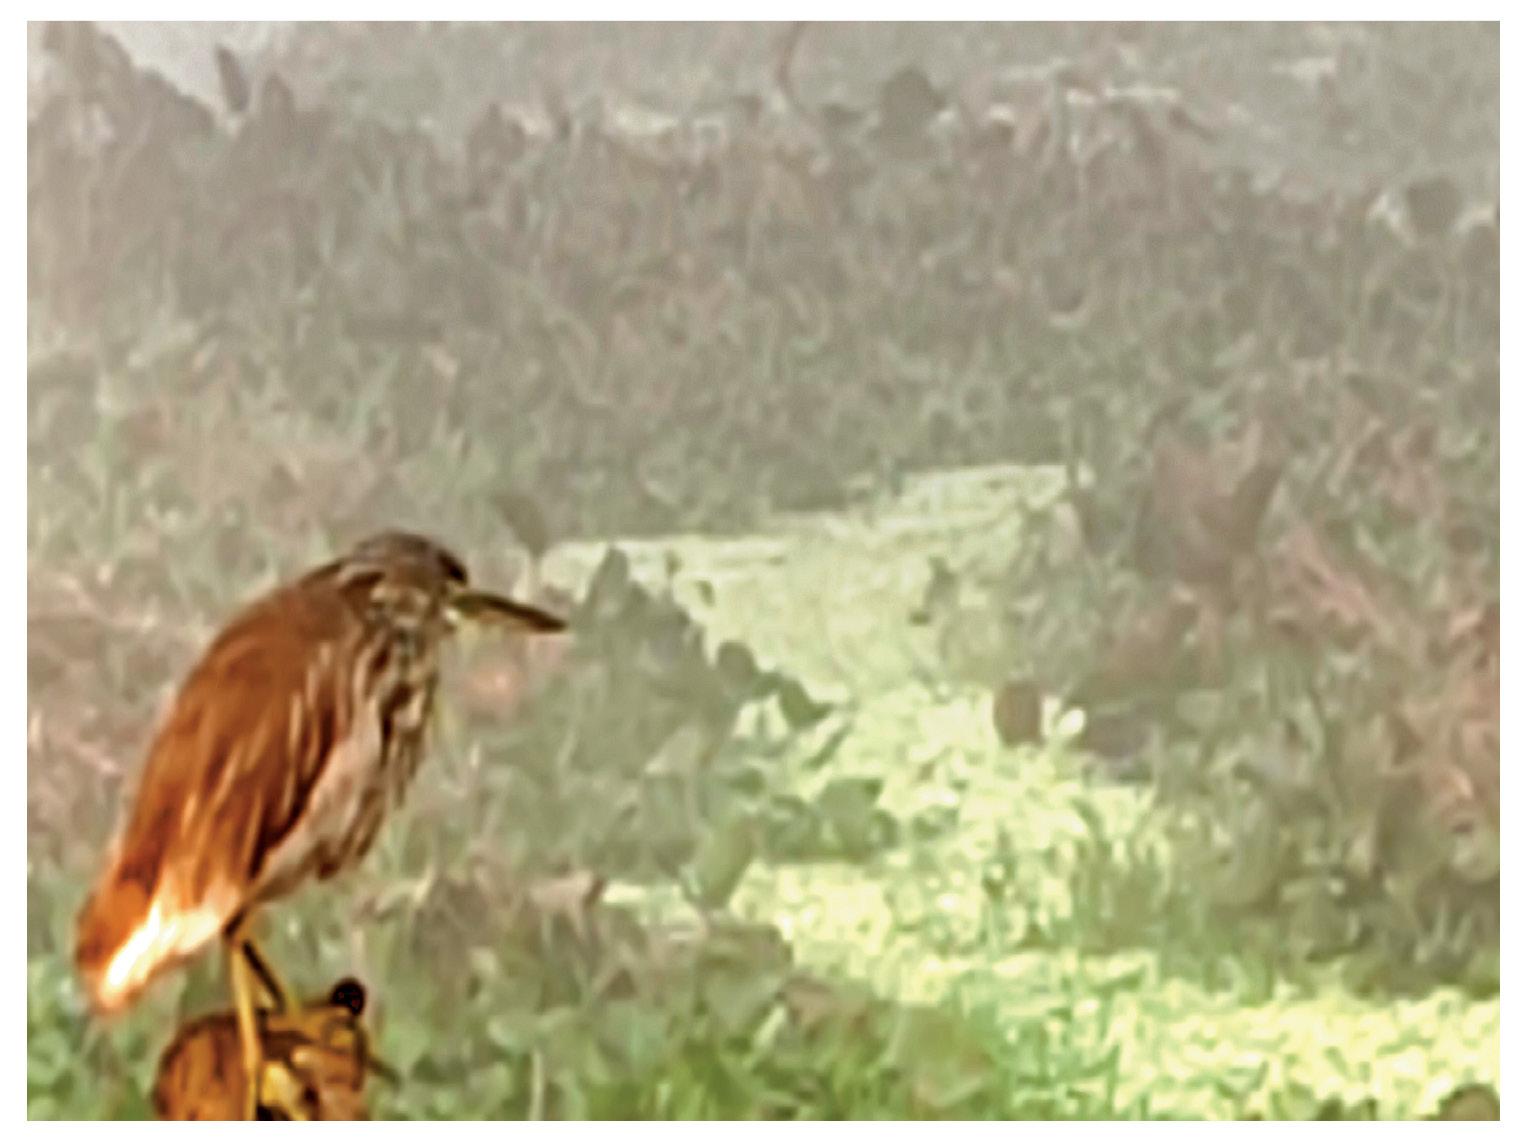 छत्तीसगढ़ के धमतरी में सुबह 6 बजे कोहरे के बीच बैठे पक्षी का चित्र।